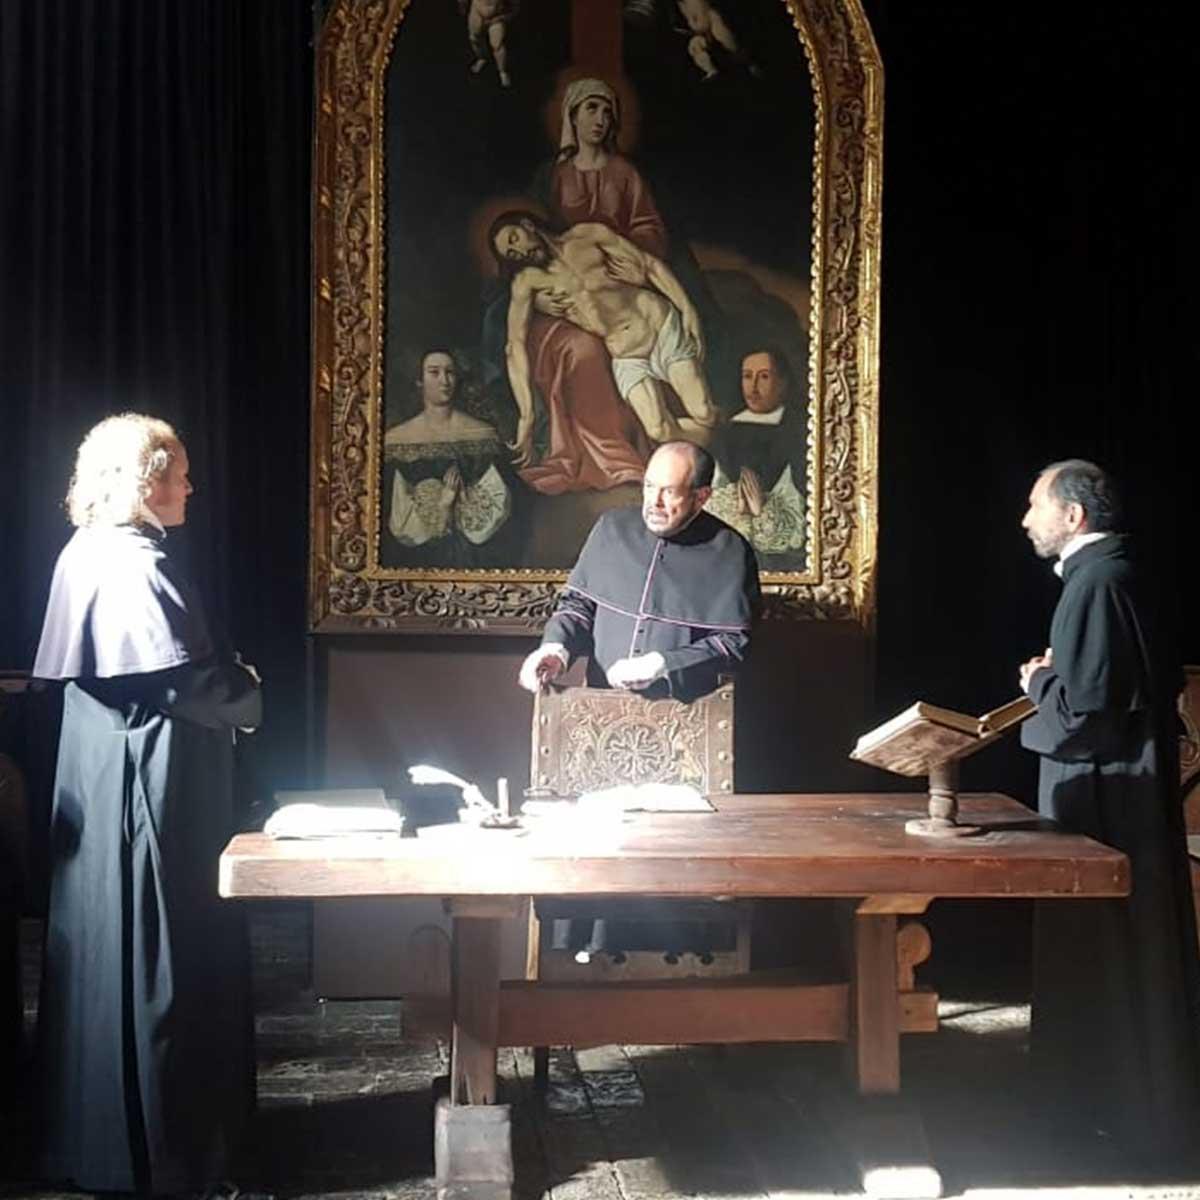 Tres hombres con sotana en una edificación religiosa